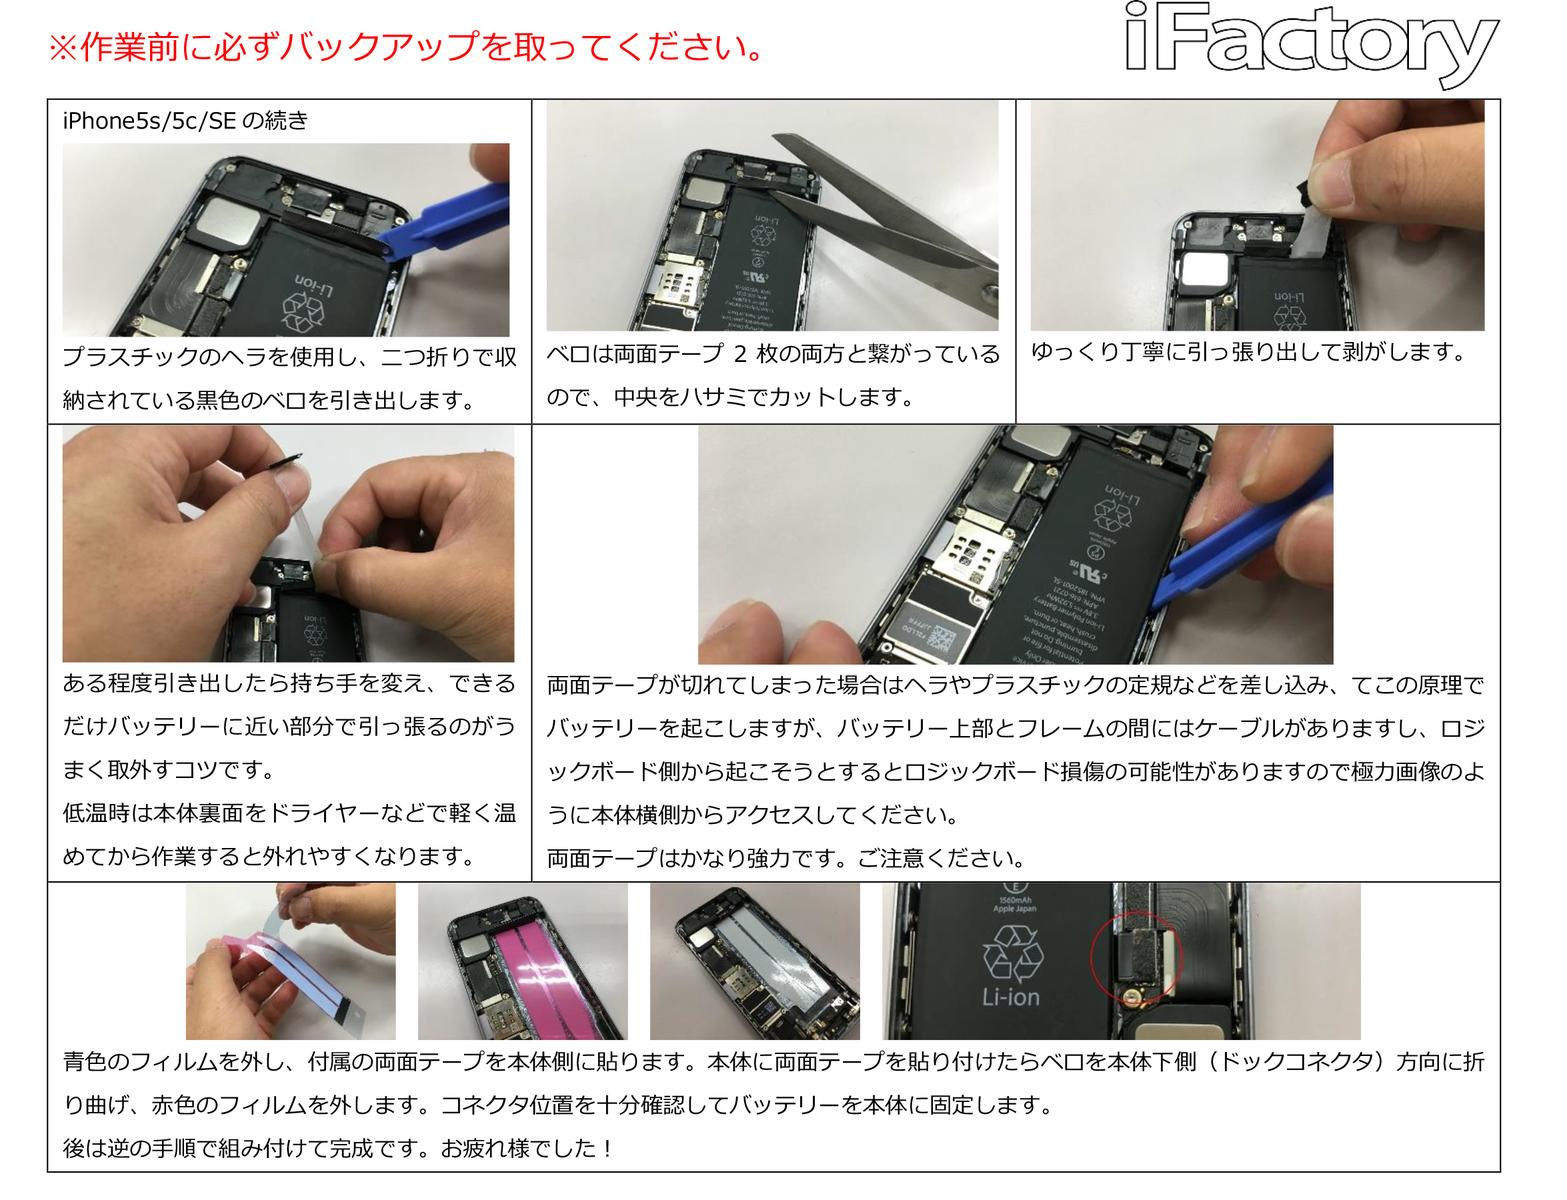 【ネコポス】【1年間保証】iPhone5 互換バッテリー Ver.2019 PSE準拠 固定用両面テープ付属 修理 交換 リペア パーツ【1年間保証】